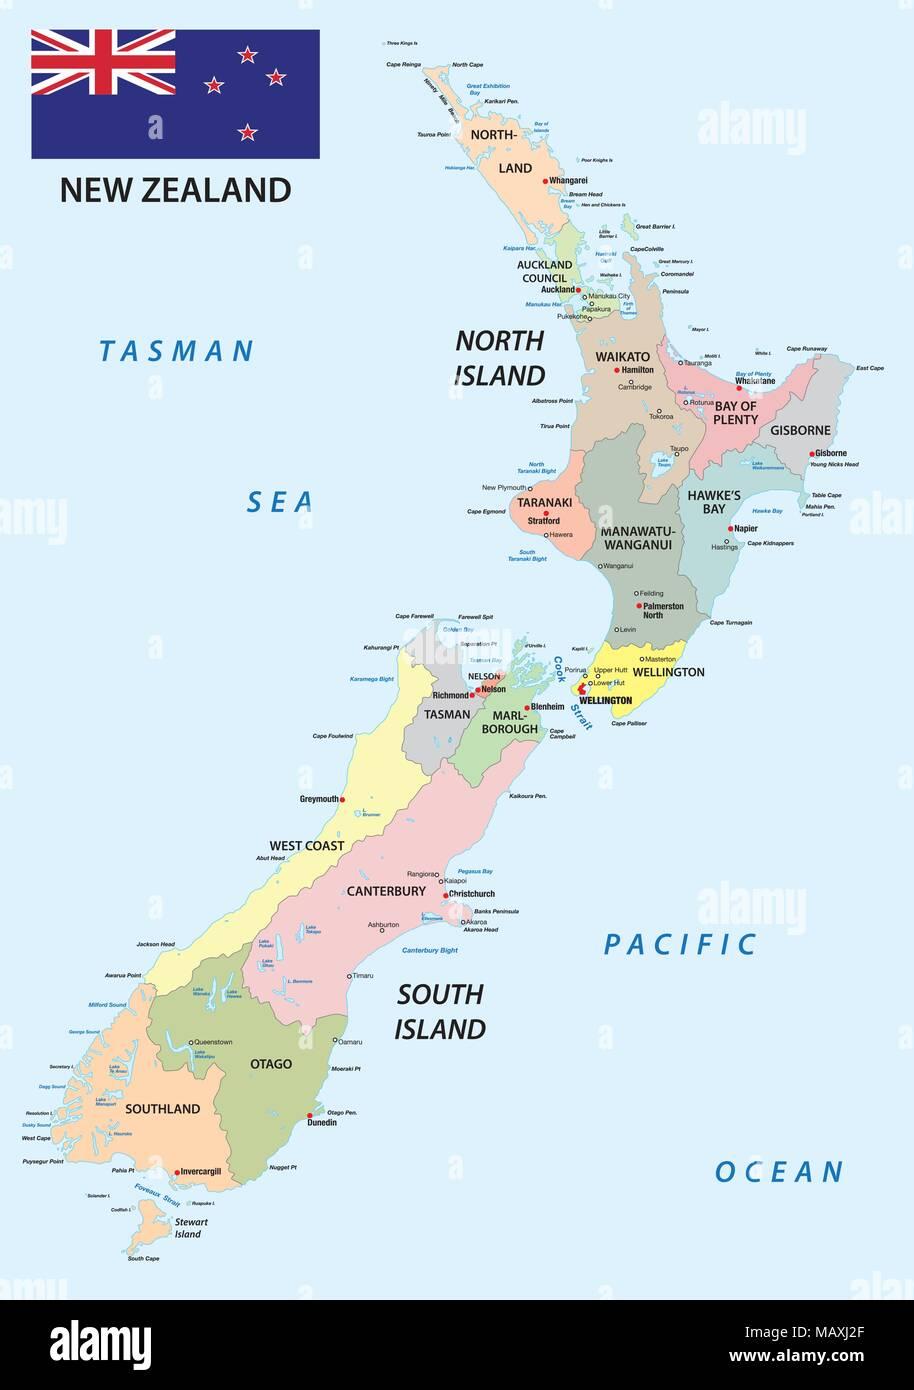 Cartina Geografica Della Nuova Zelanda.Nuova Zelanda Politica E Amministrativa Di Mappa Vettoriale Con